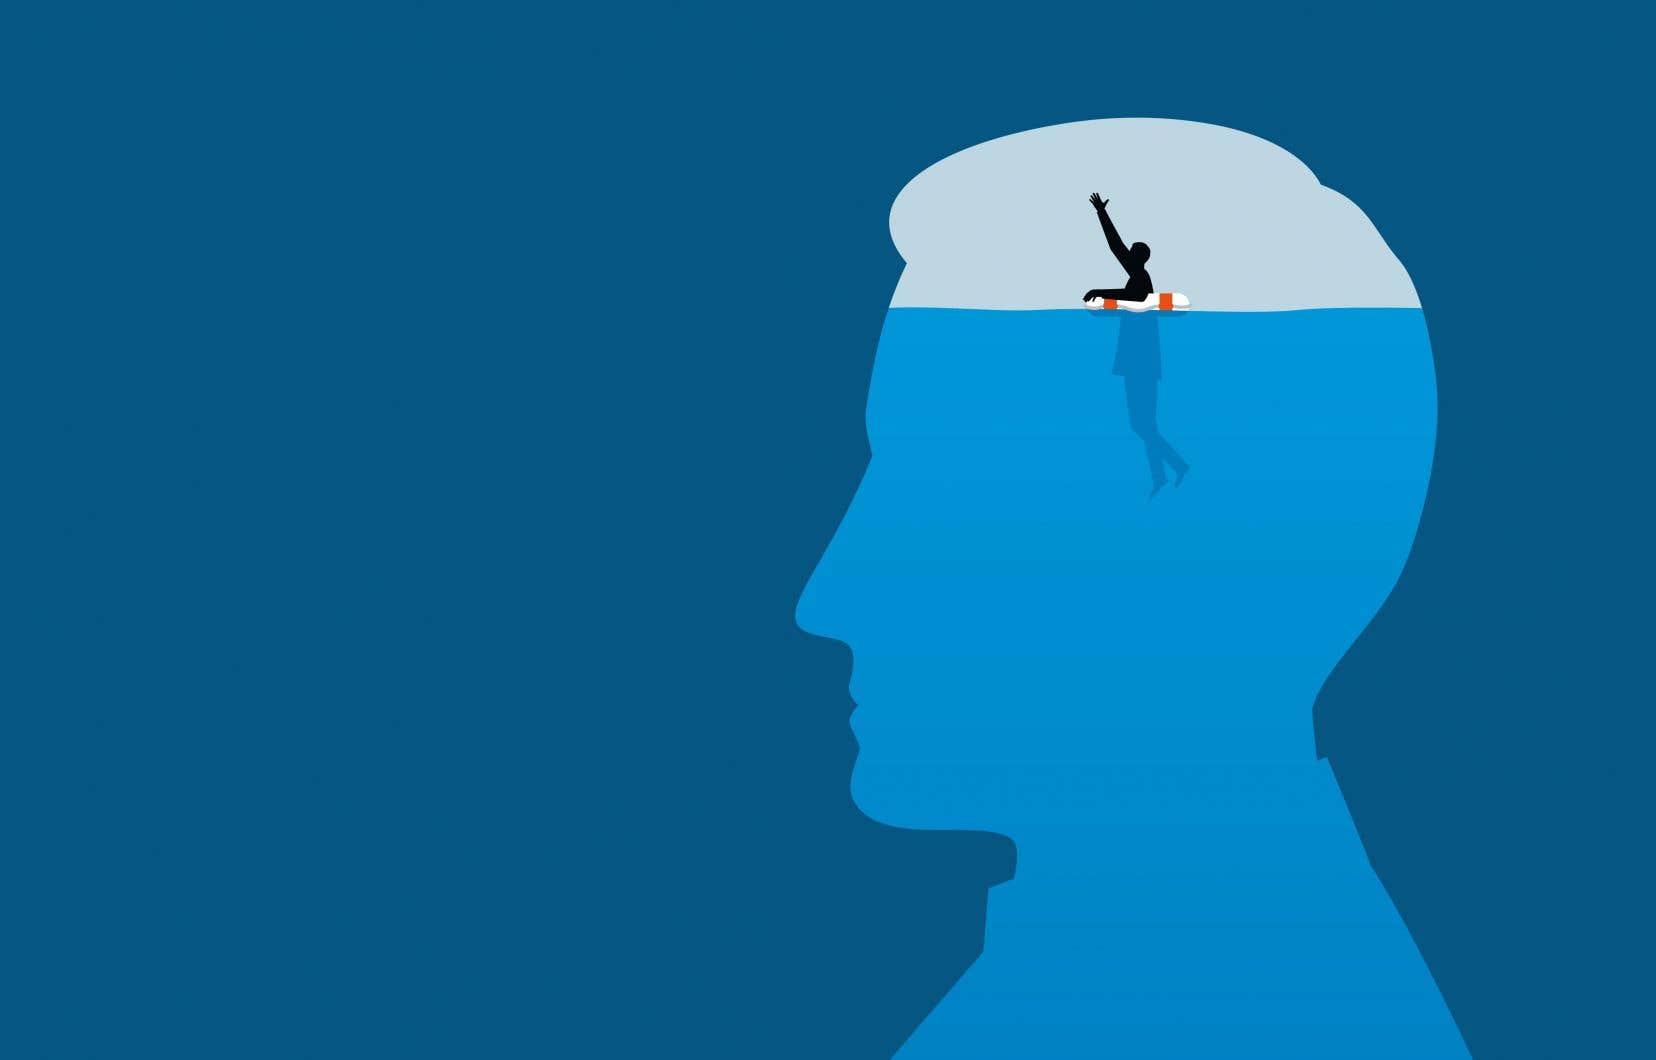 Selon le psychologue Réal Labelle, le programme risque d'inciter la population à croire que l'autosoin peut remplacer la psychothérapie.